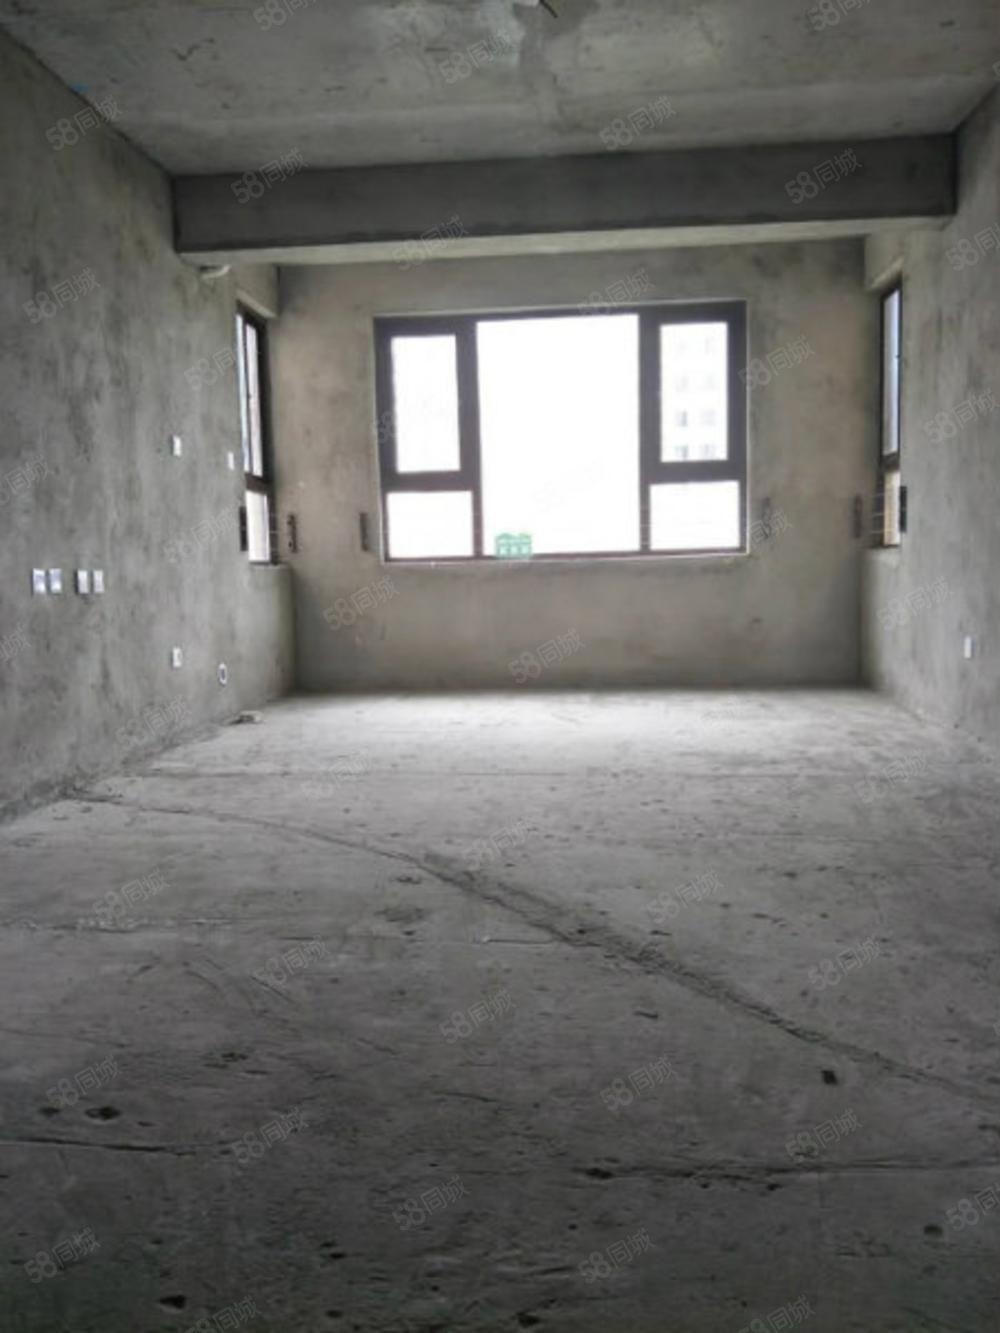 店长推荐!铁建领秀城福山园3室92万元让你惊喜不断随时看房